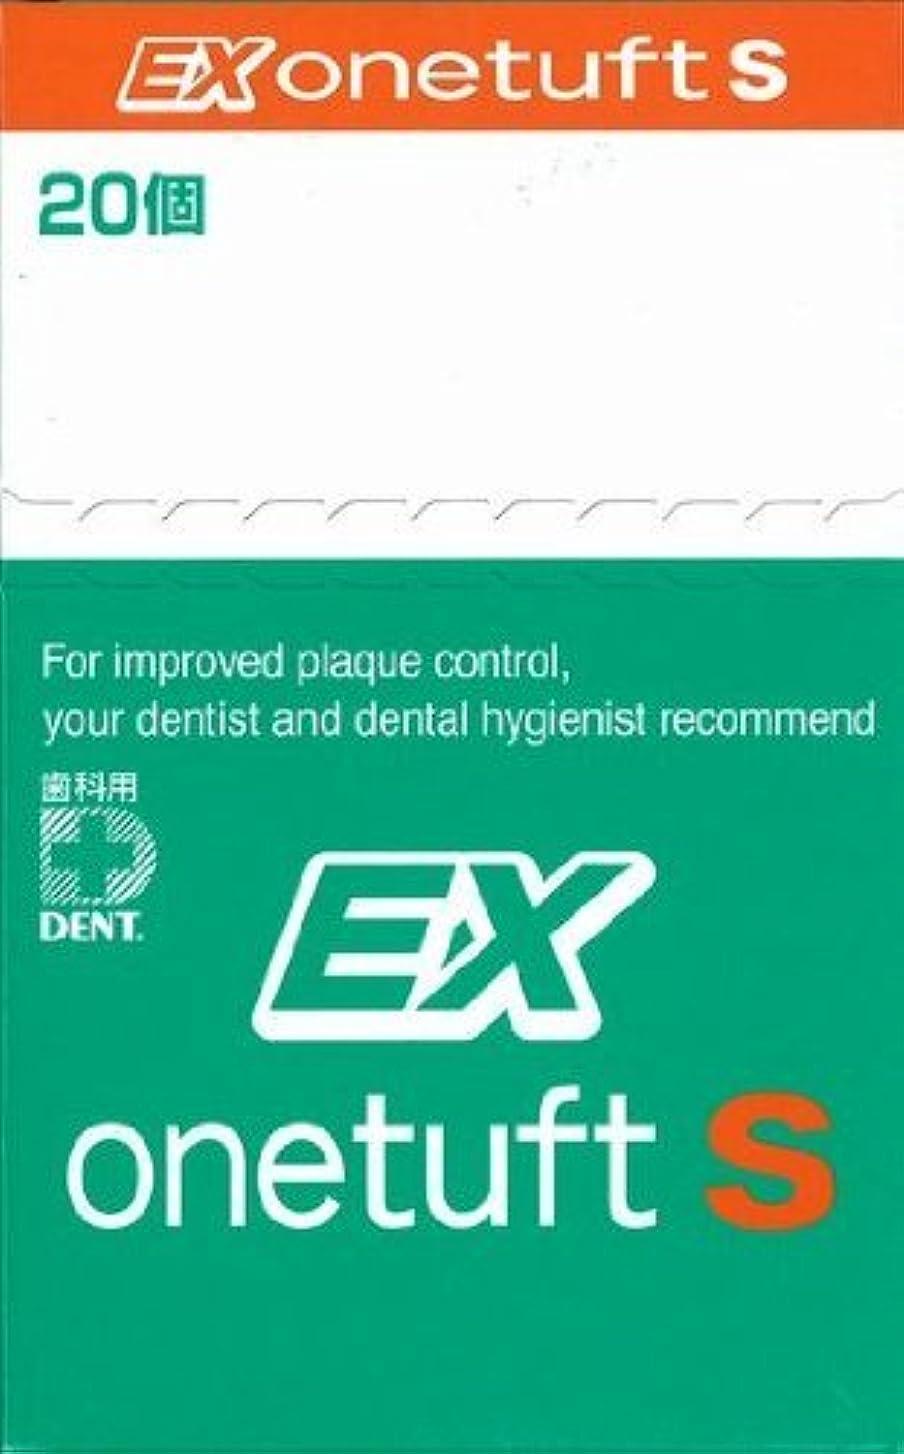 ドレインハブ中でデント EX onetuft S 歯ブラシ 20本入